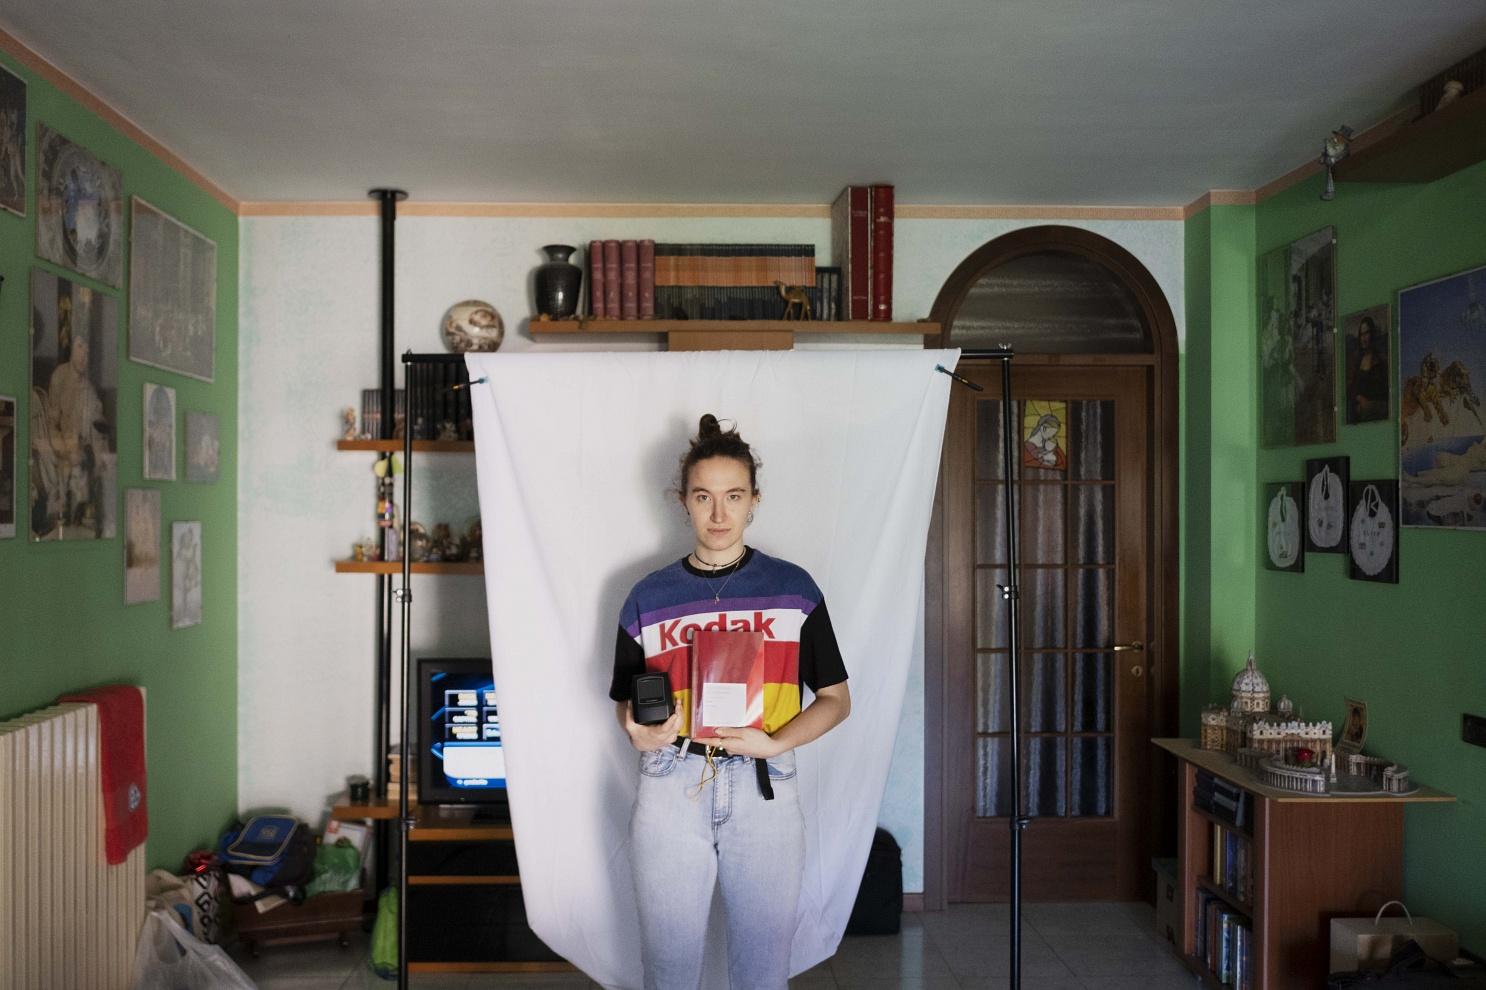 Elisa Moretto, 22 anni, Zelo Buon Persico (LO) - Ha acquistato uno scanner per diapositive che le ha permesso di digitalizzare l'archivio di famiglia durante i due mesi di lockdown. Ha anche acquistato un libro indispensabile per i suoi studi universitari.